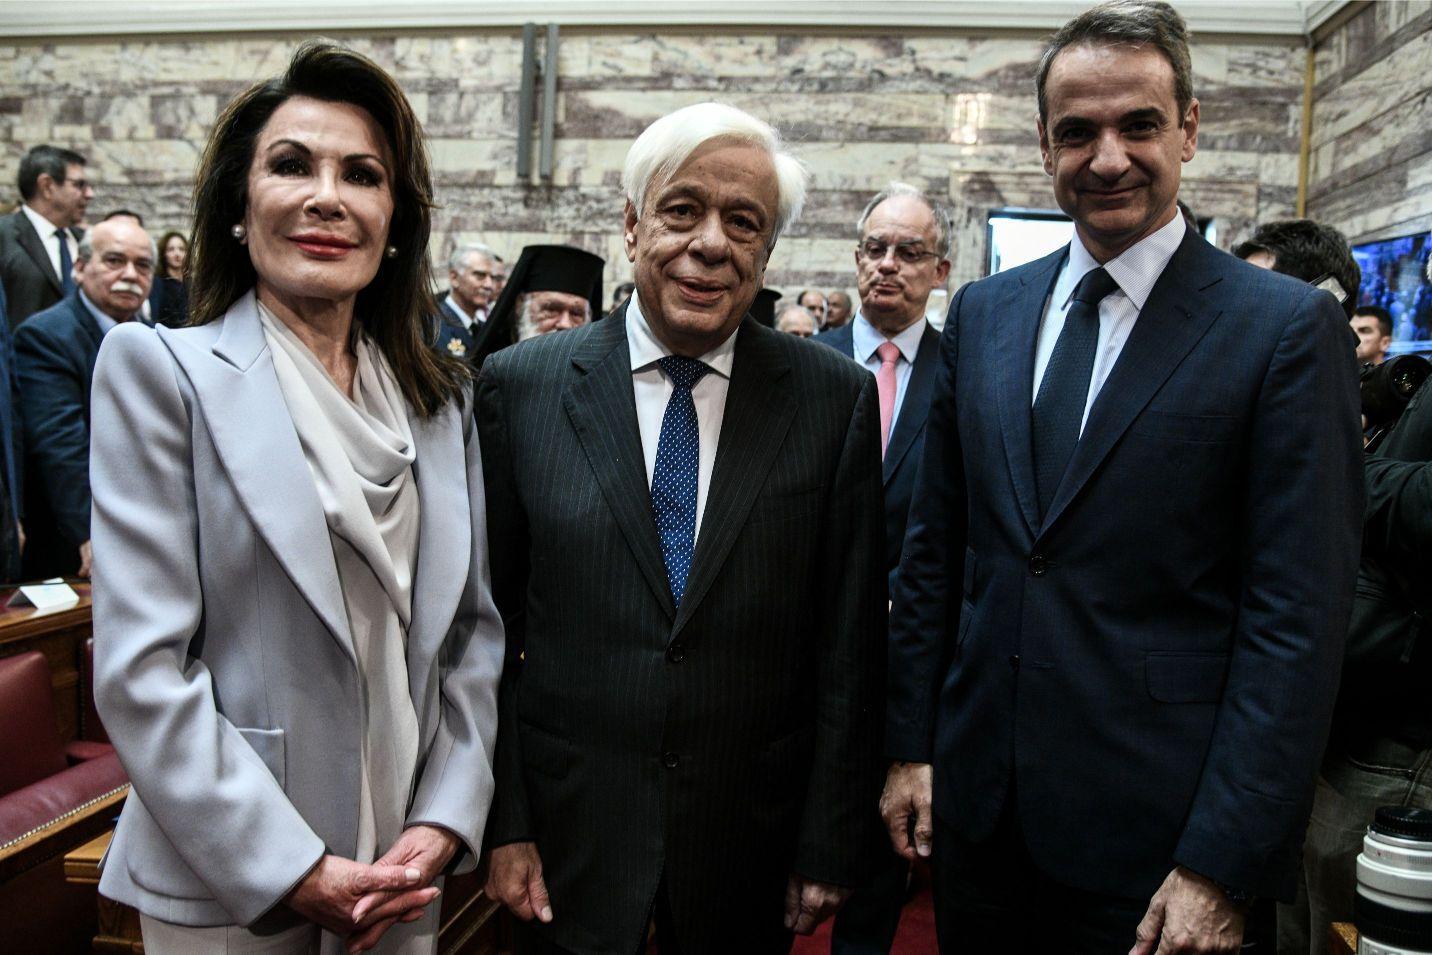 Ελλάδα 2021 ή μια από τα ίδια? -ΑΡΘΡΟ ΣΤΗΝ ΕΦΗΜΕΡΙΔΑ «ΠΡΩΙΝΗ»